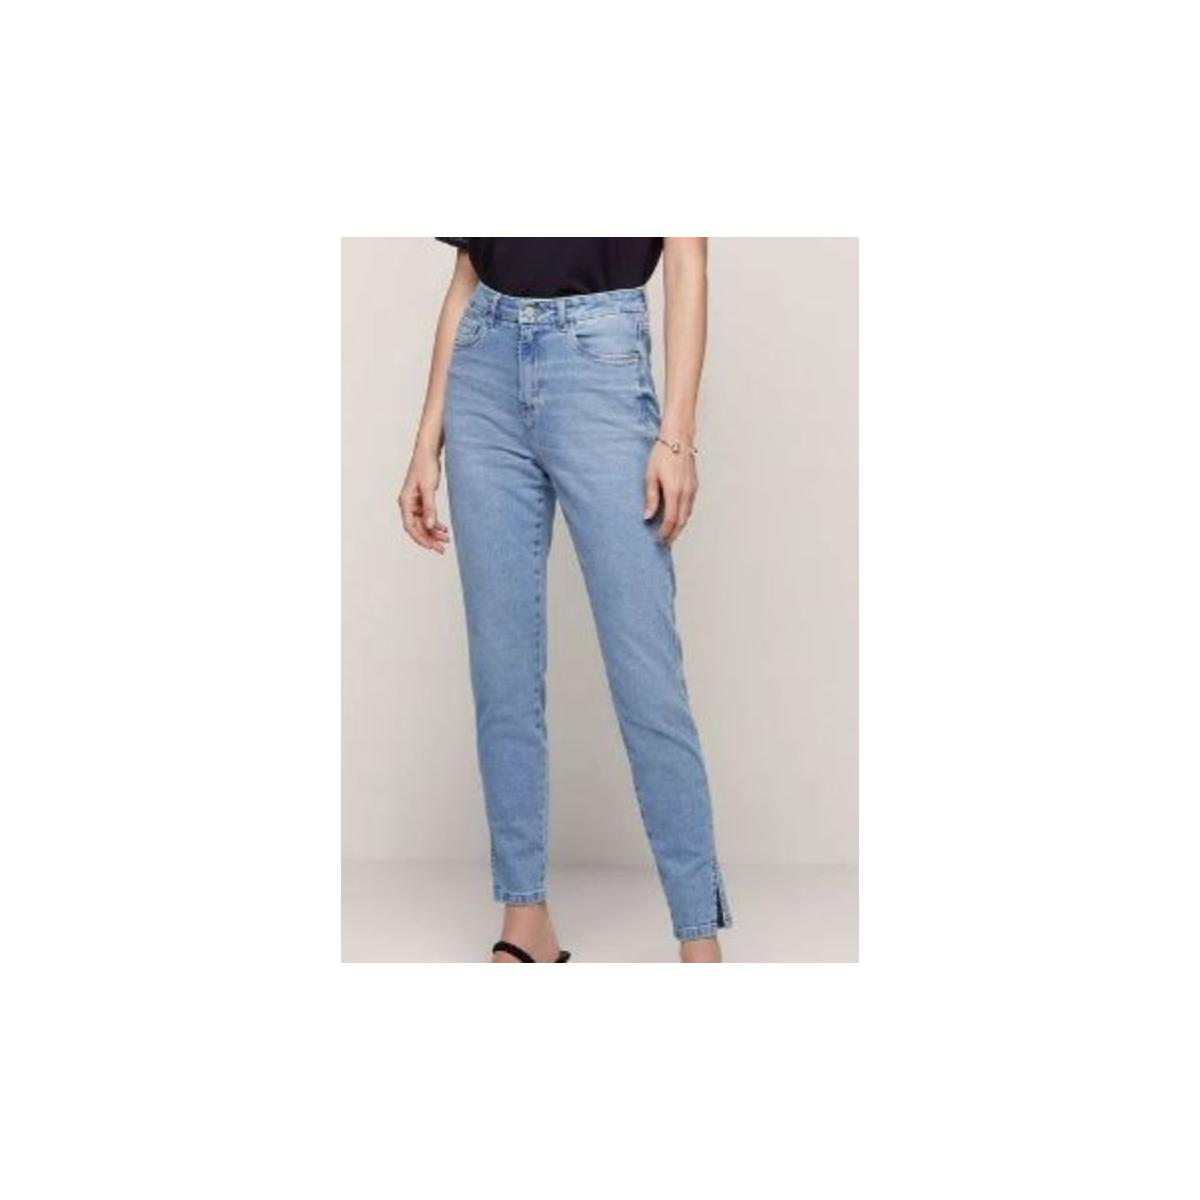 Calça Feminina Dzarm Zua2 1bsn  Jeans Claro